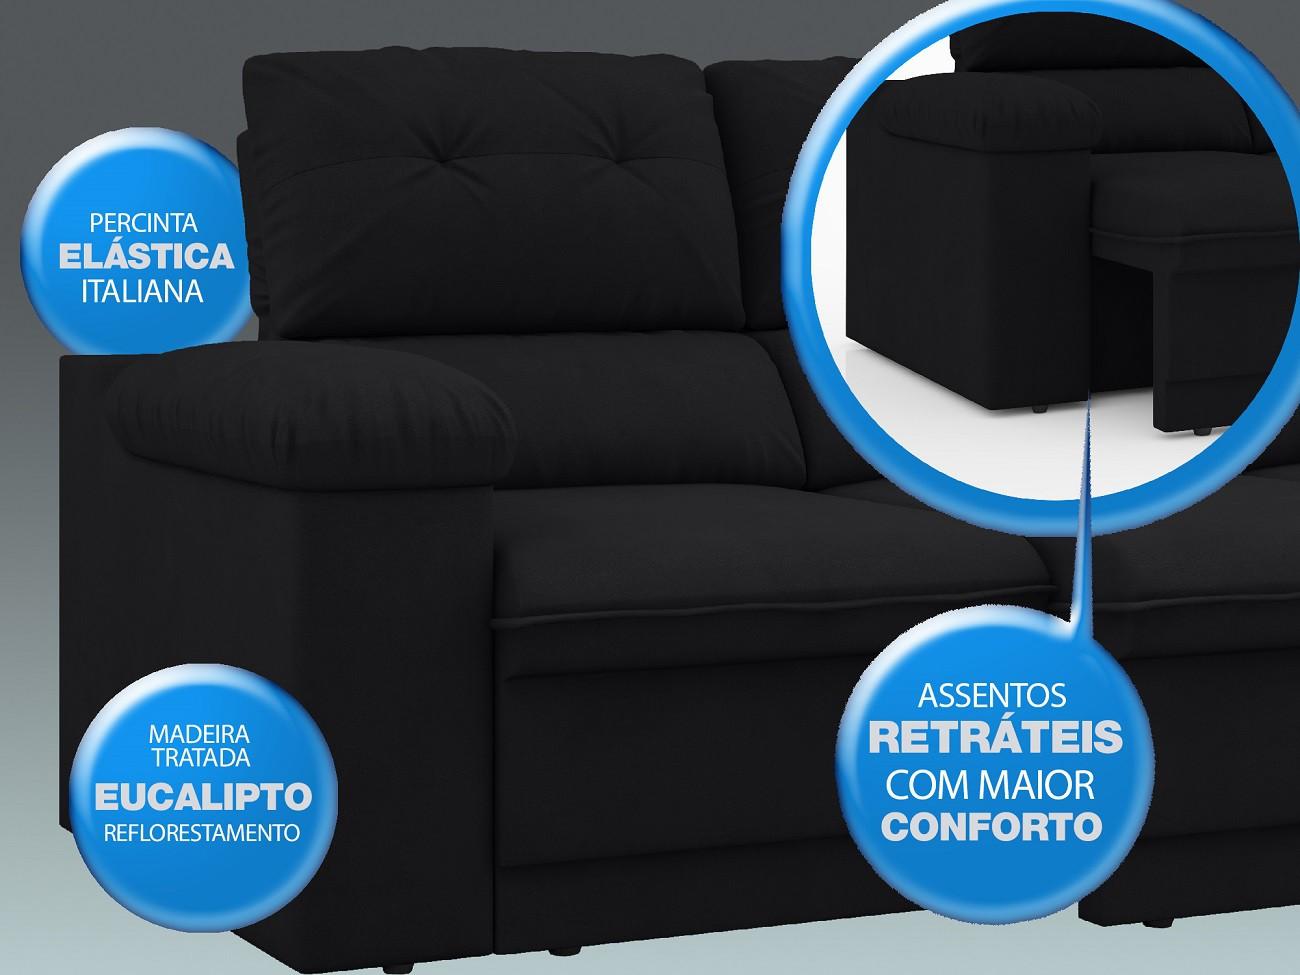 Sofá New Ripley 2,30m Assento Retrátil e Reclinável Velosuede Preto - NETSOFAS